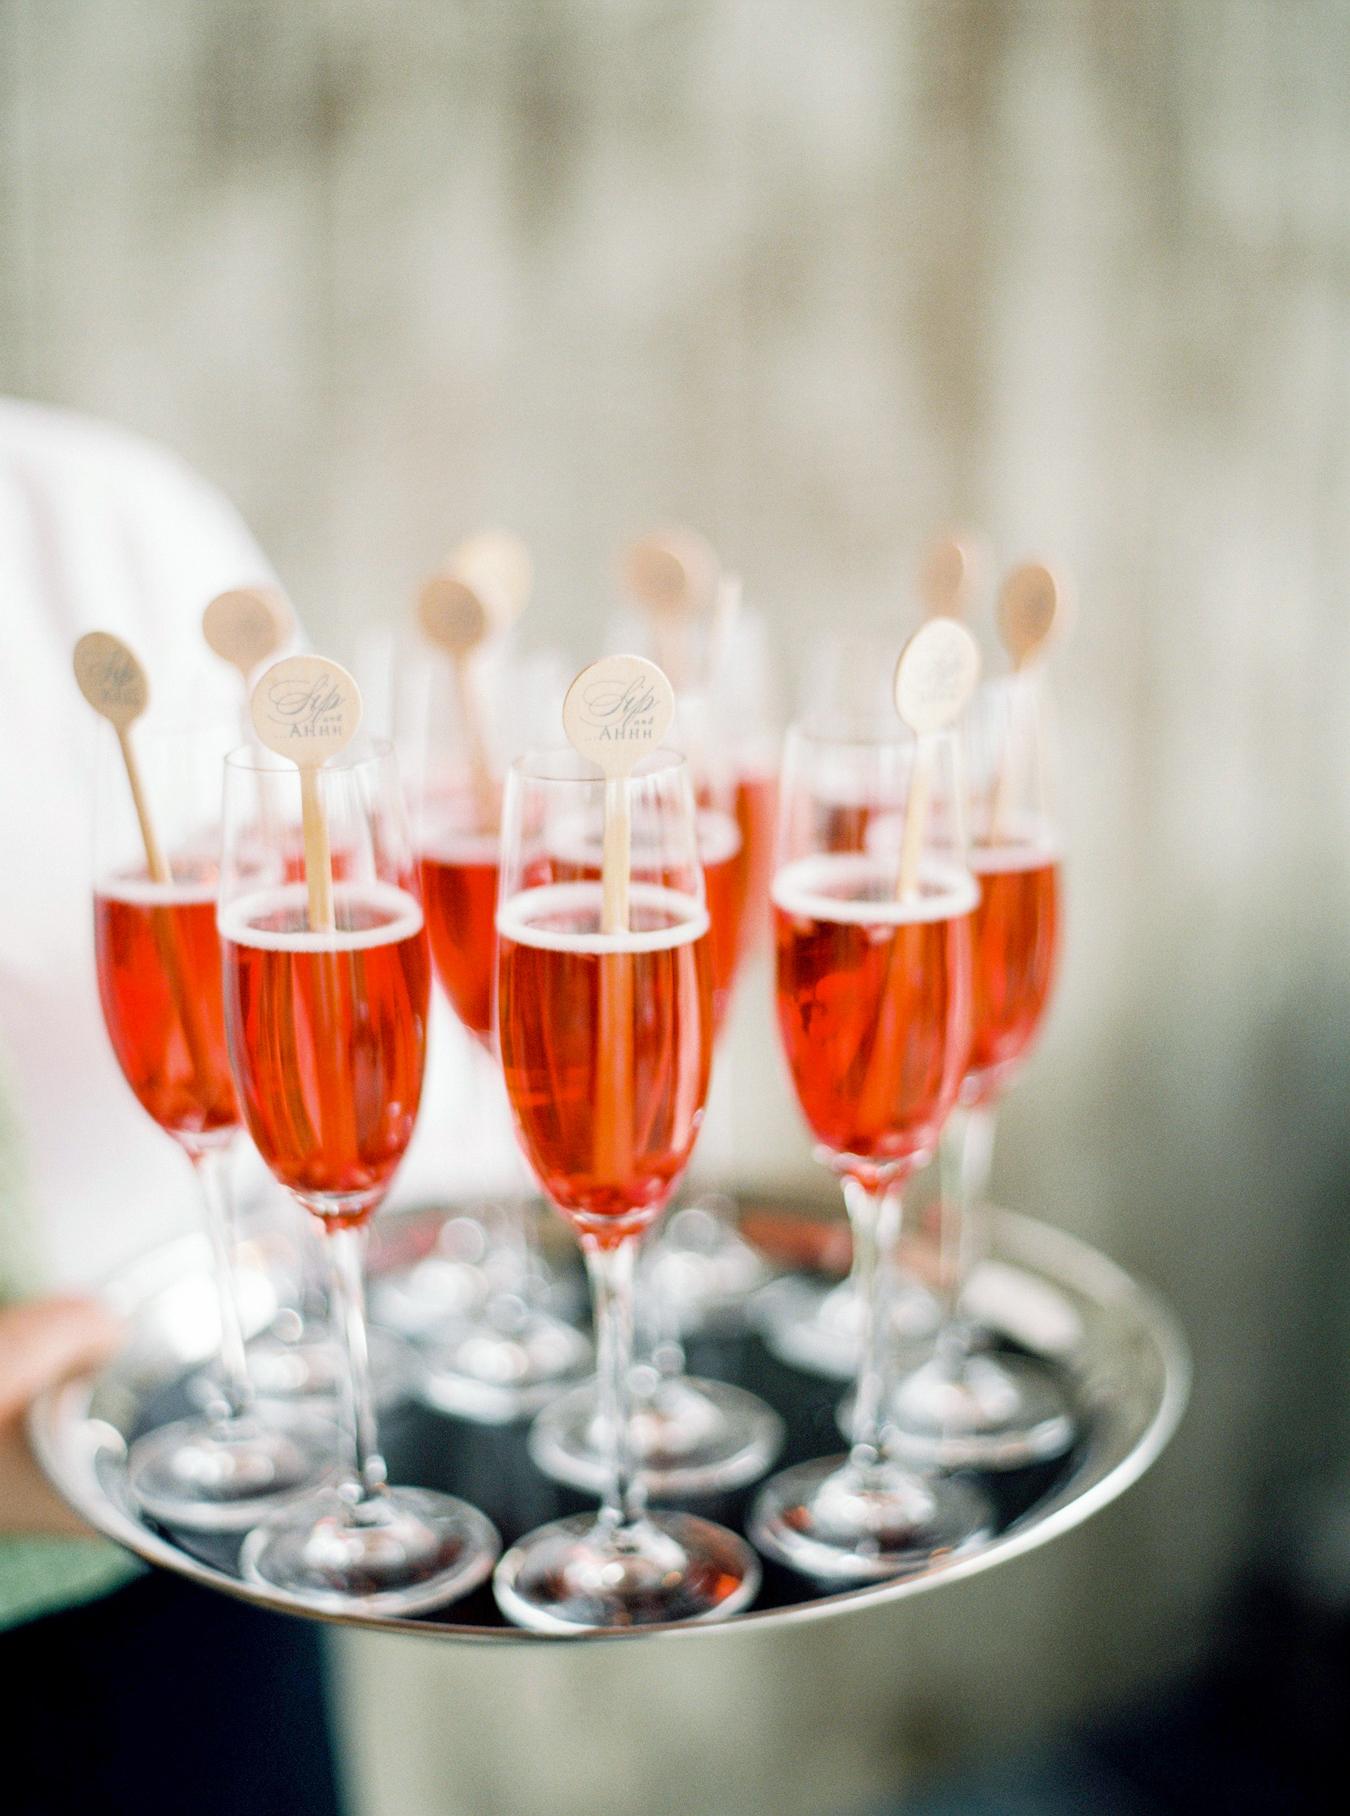 red cocktails on serving platter